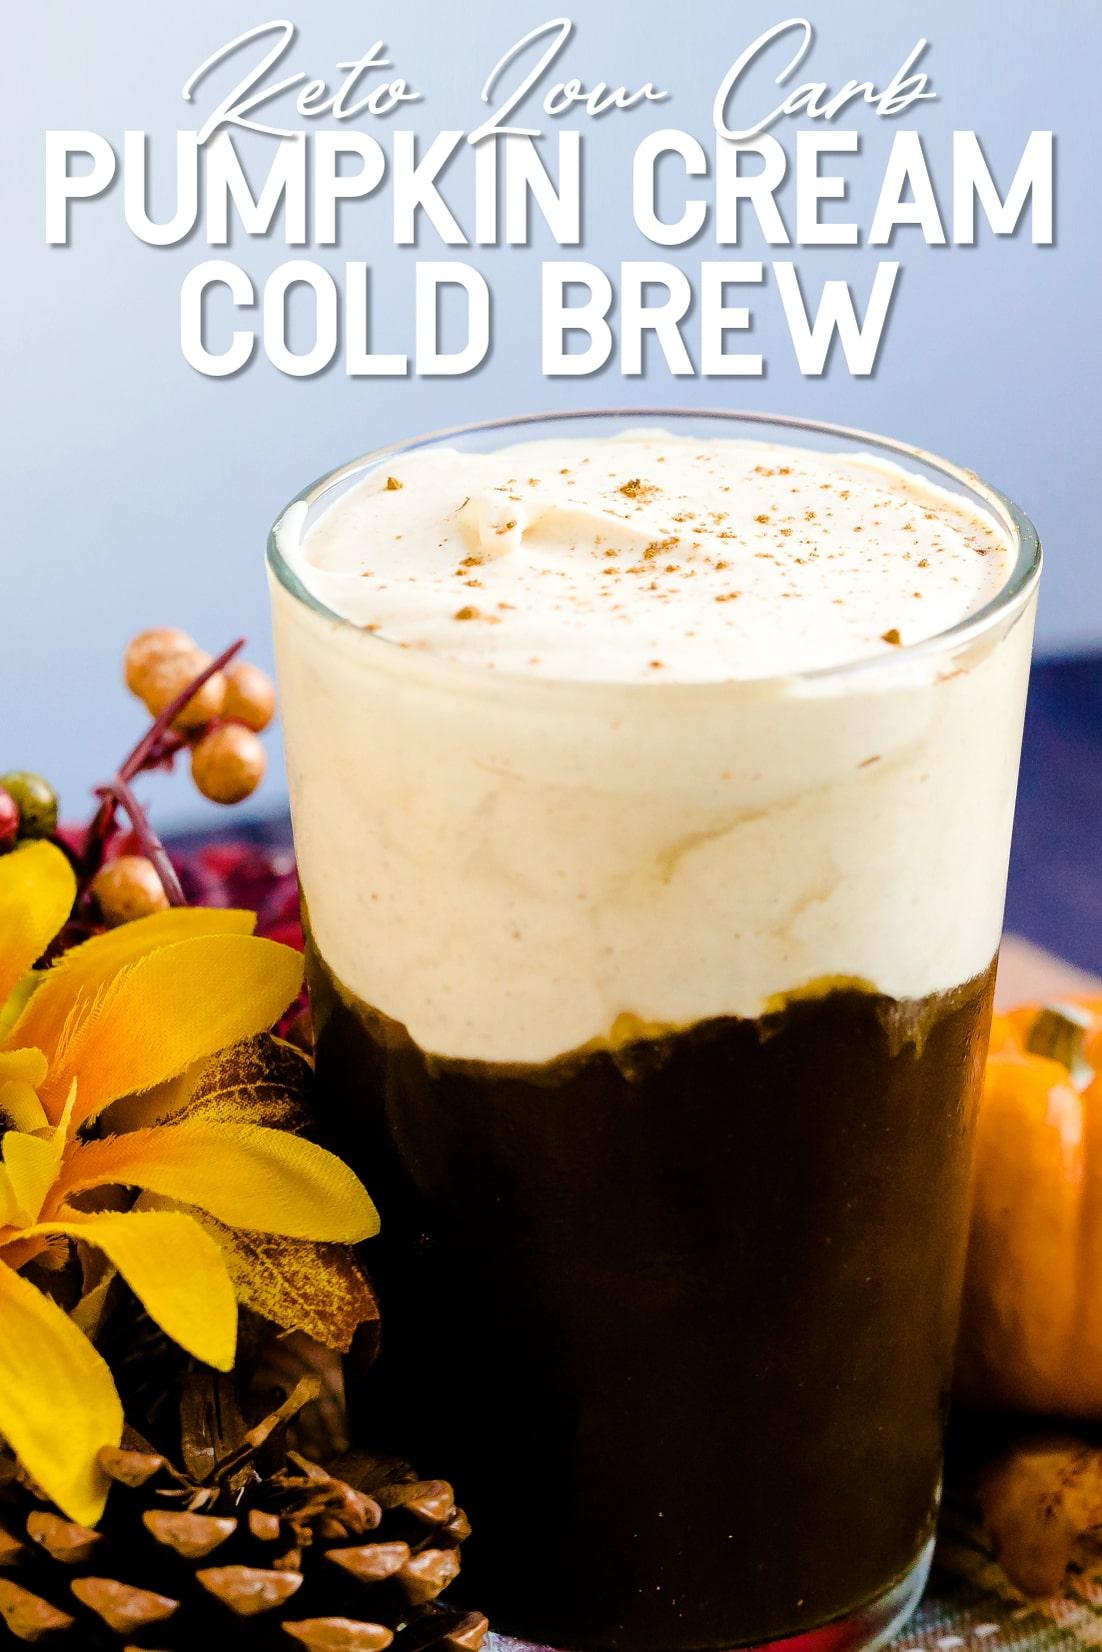 Keto Pumpkin Cream Cold Brew in glass tumbler